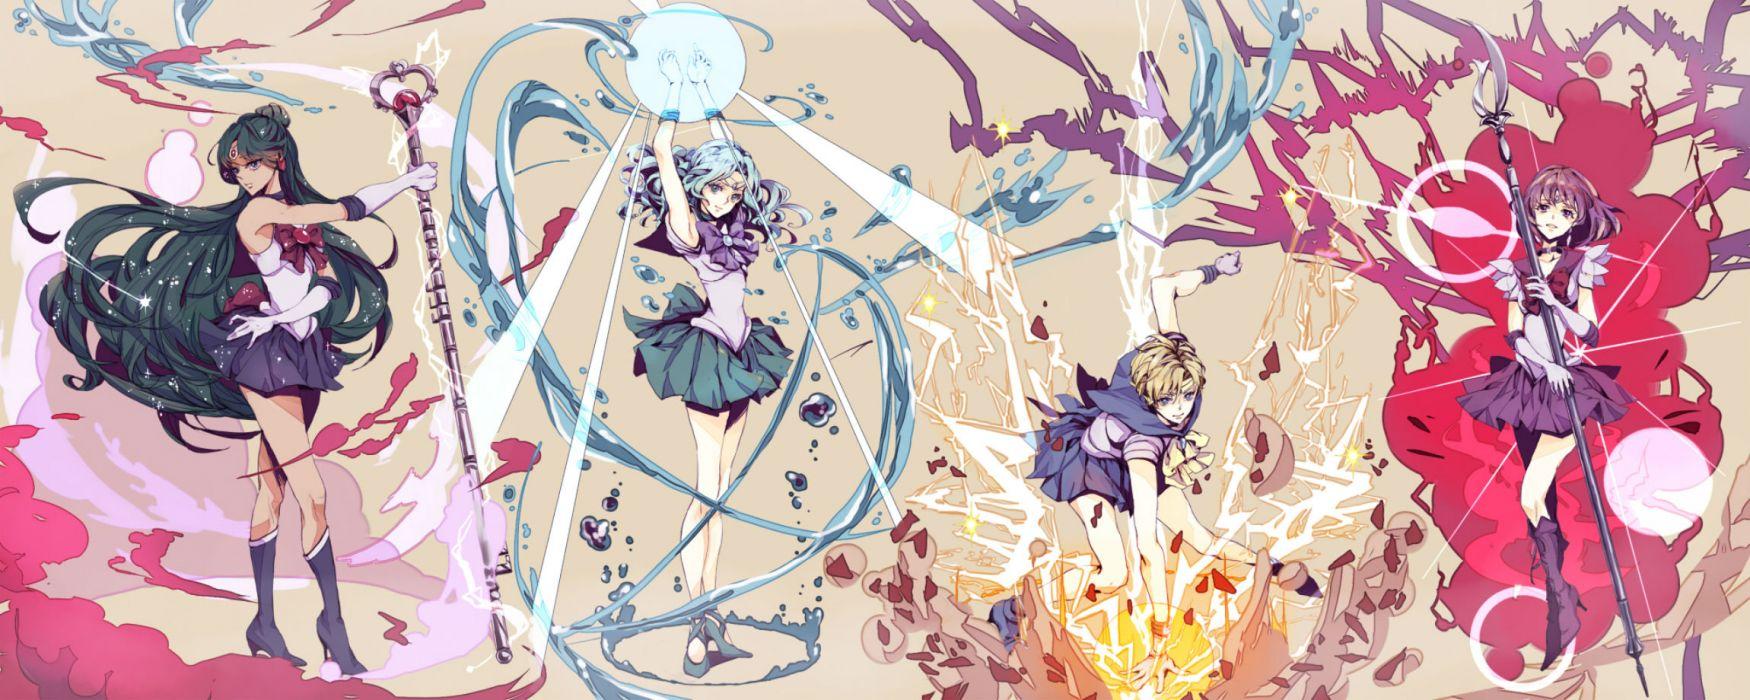 sailor moon kaiou michiru meiou setsuna sailor moon tenou haruka tomoe hotaru wallpaper